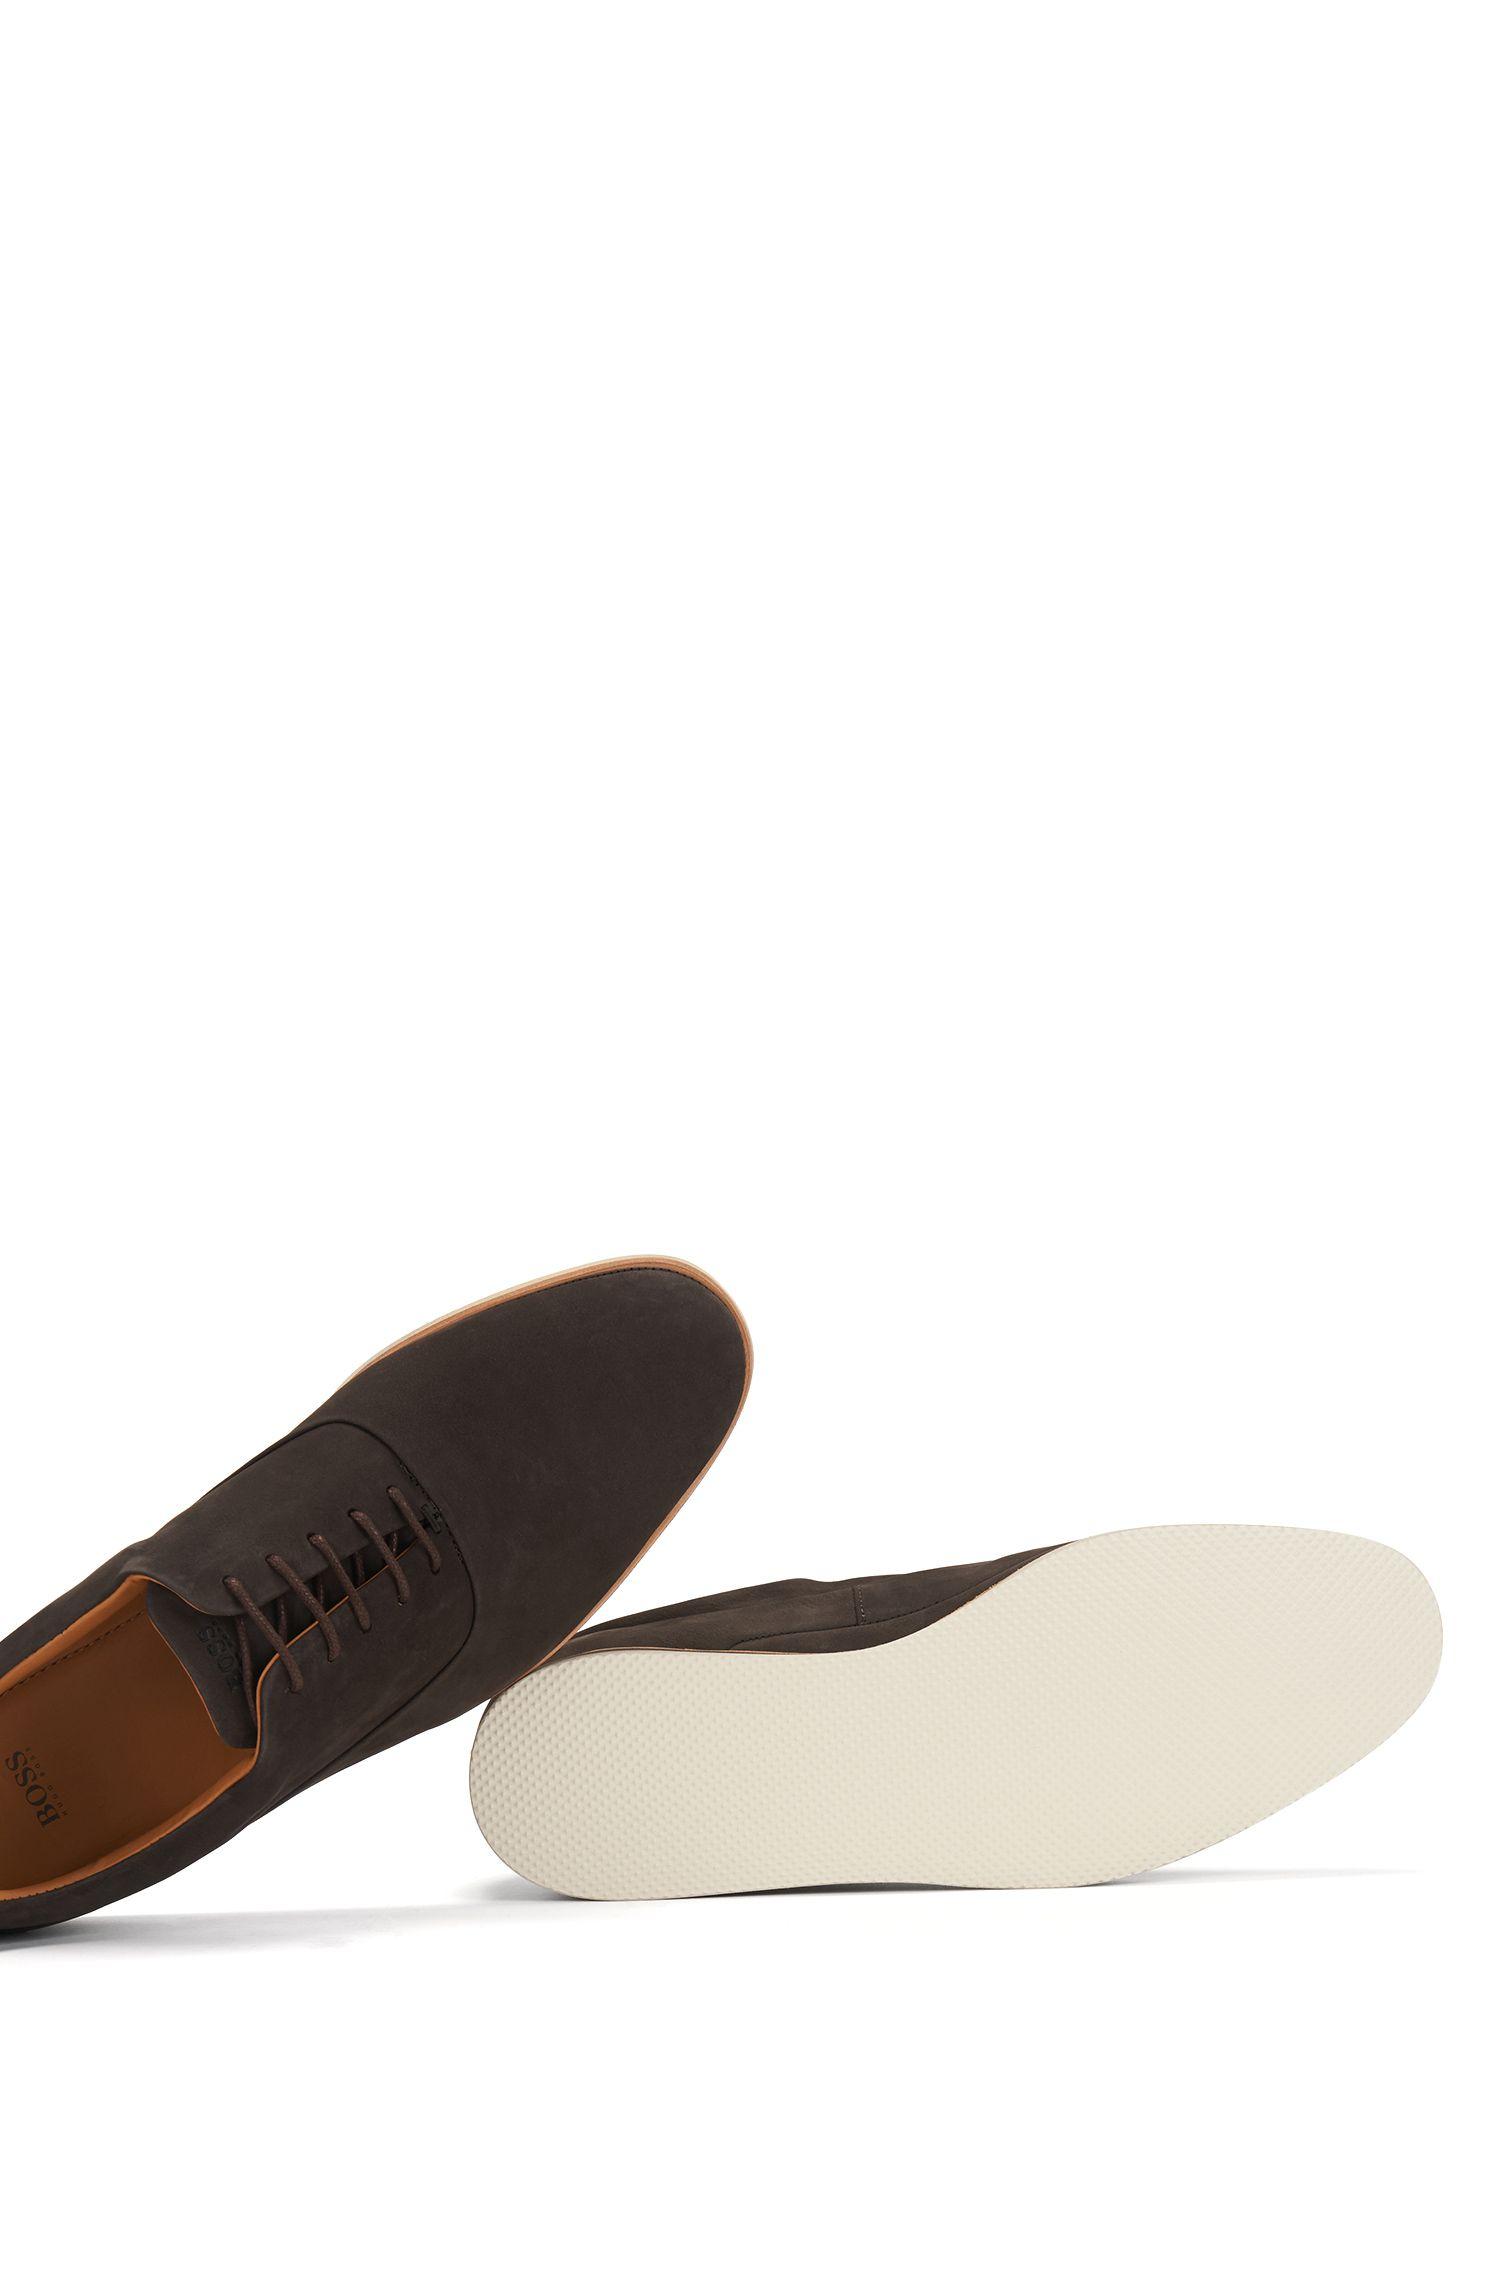 Zapatos Oxford casual en piel de nobuk suave